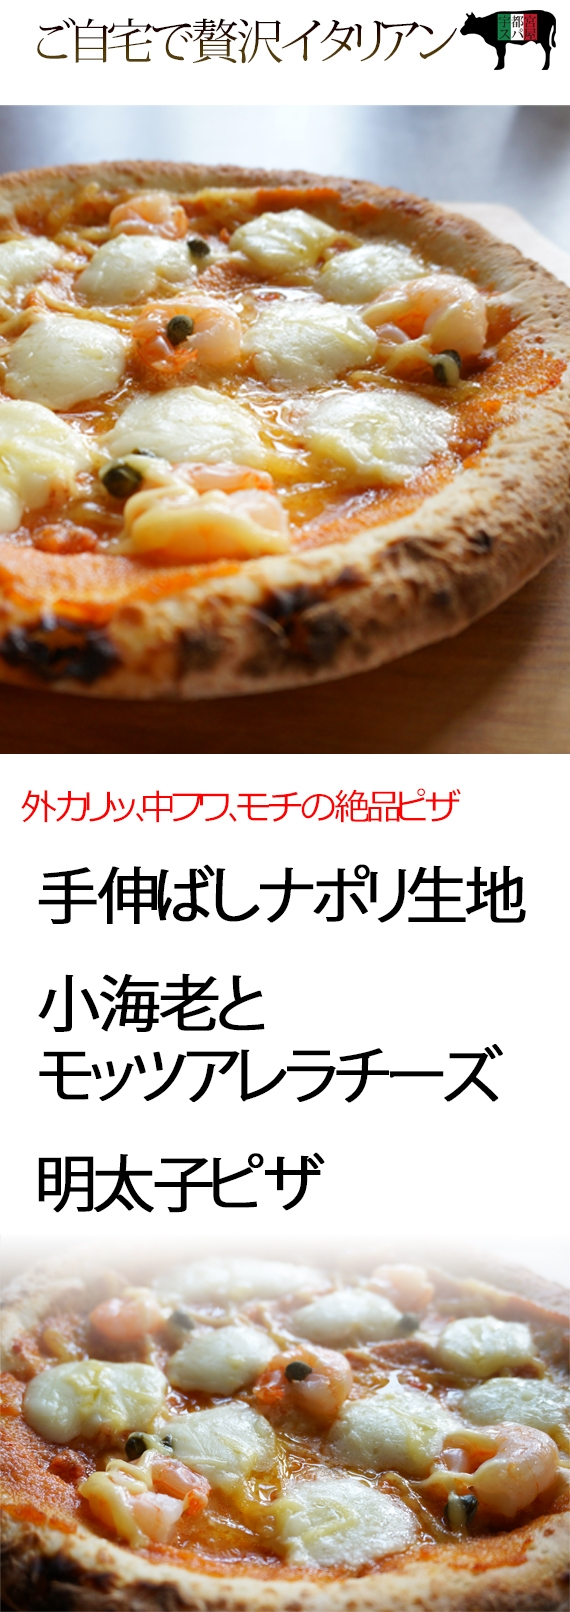 【手伸ばしナポリ生地】小海老とモッツアレラチーズの明太子ピザ